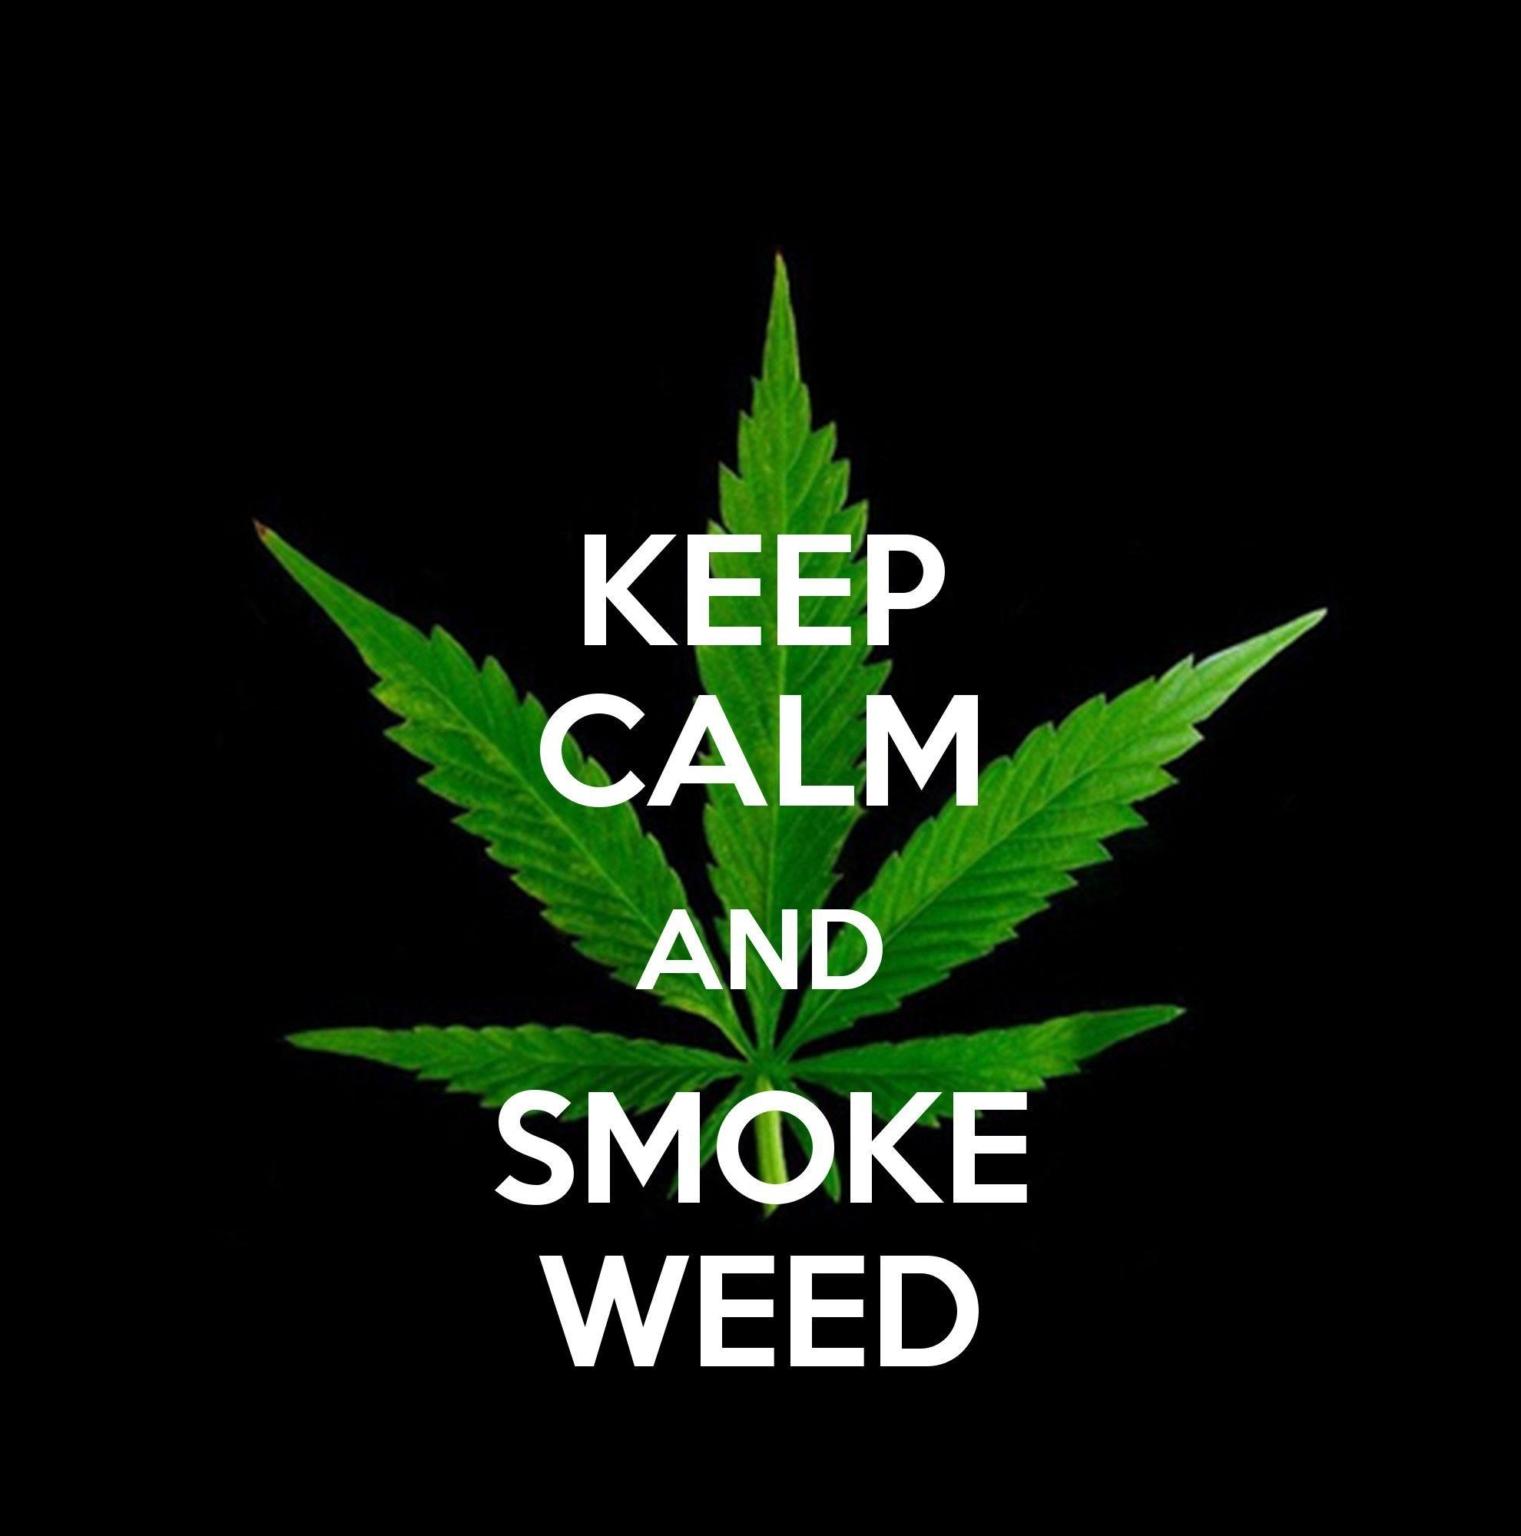 Need Weed Wallpaper - Novocom.top